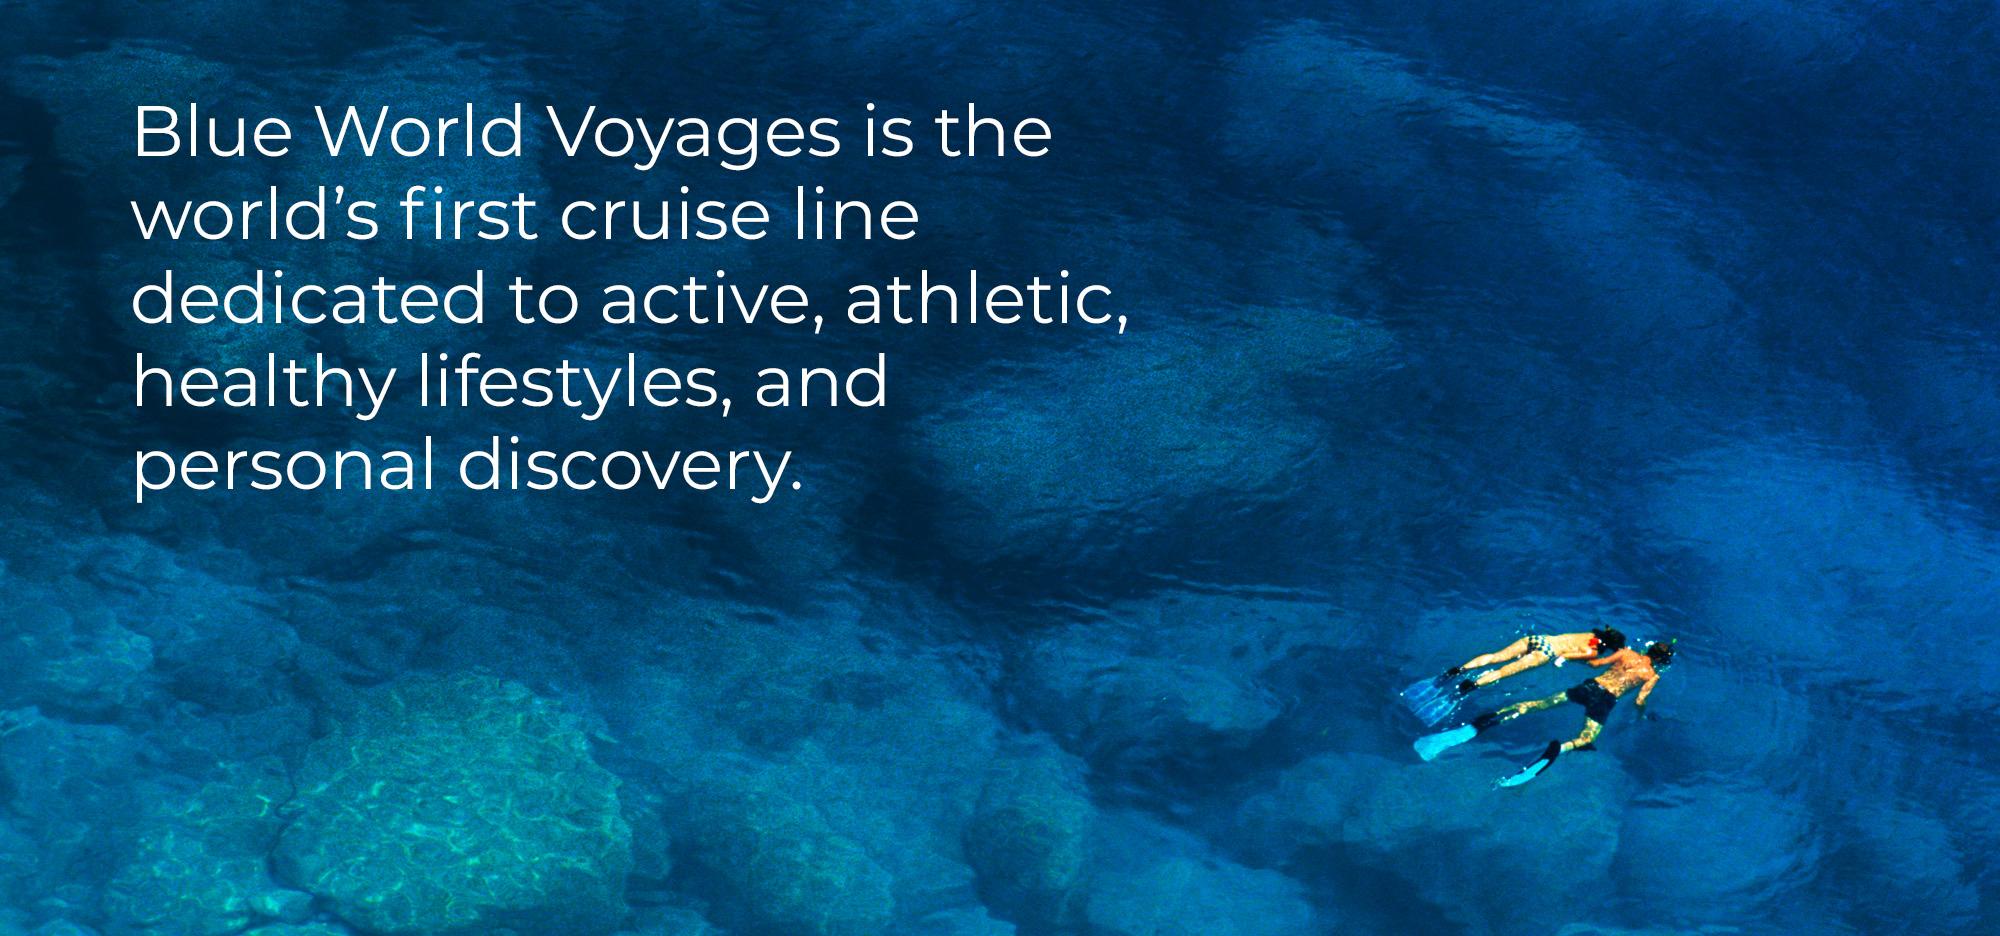 Blue World Voyages slide 1